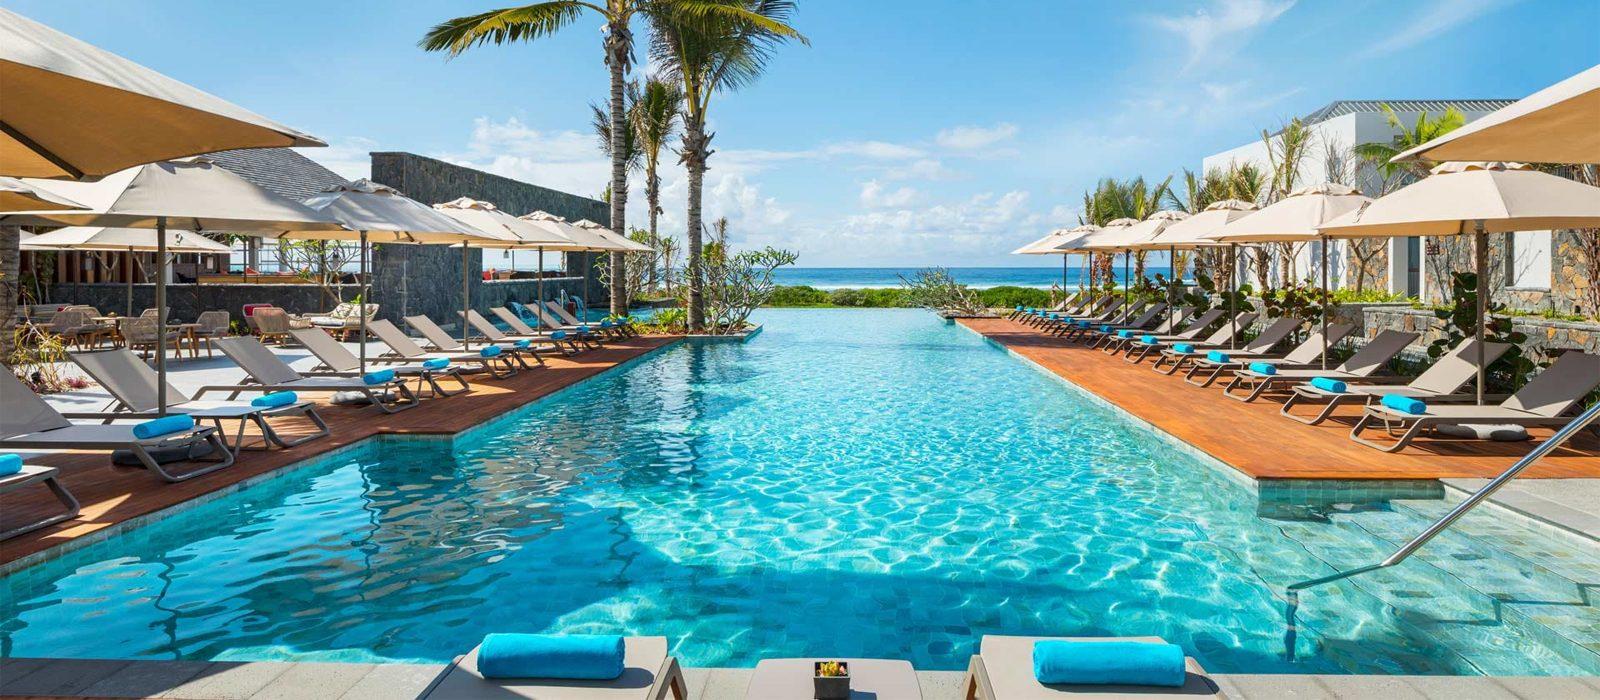 Mauritius Holiday Packages Anantara Iko Mauritius Resort & Villas Header1